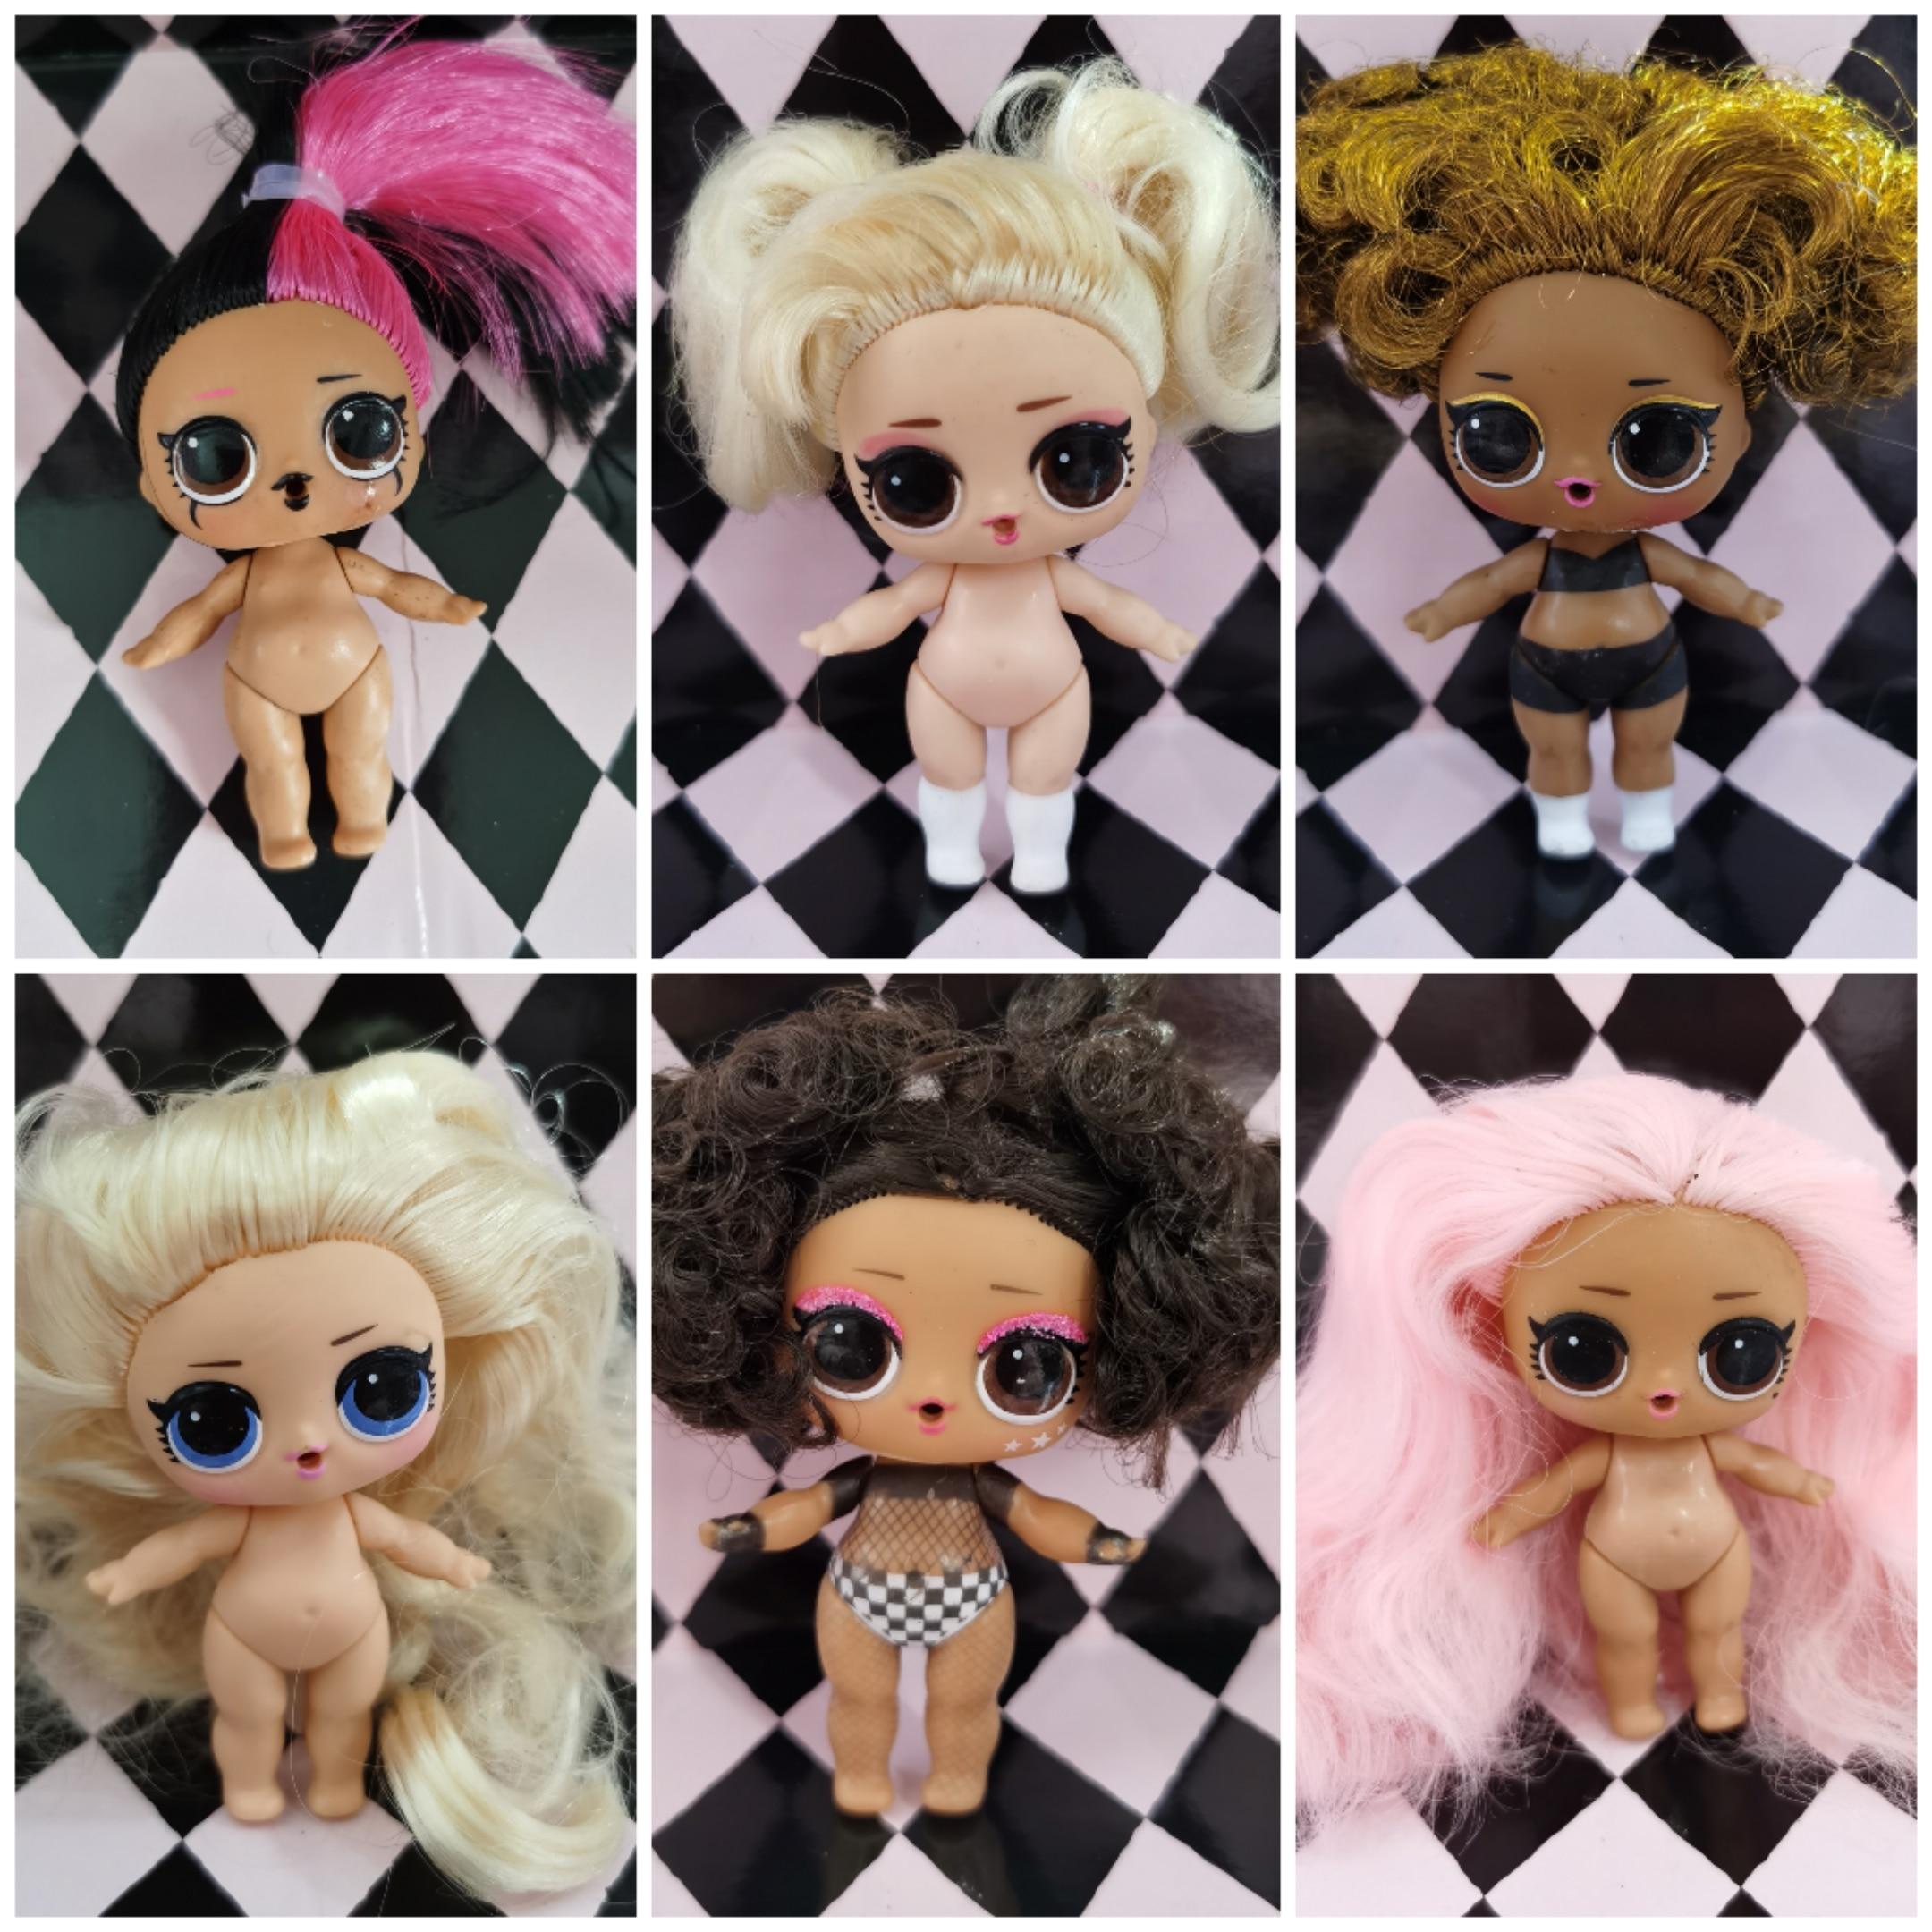 Оригинальные куклы LOL Surprise серии 5, парикмахерские куклы JK Sister, рождественские подарочные игрушки You